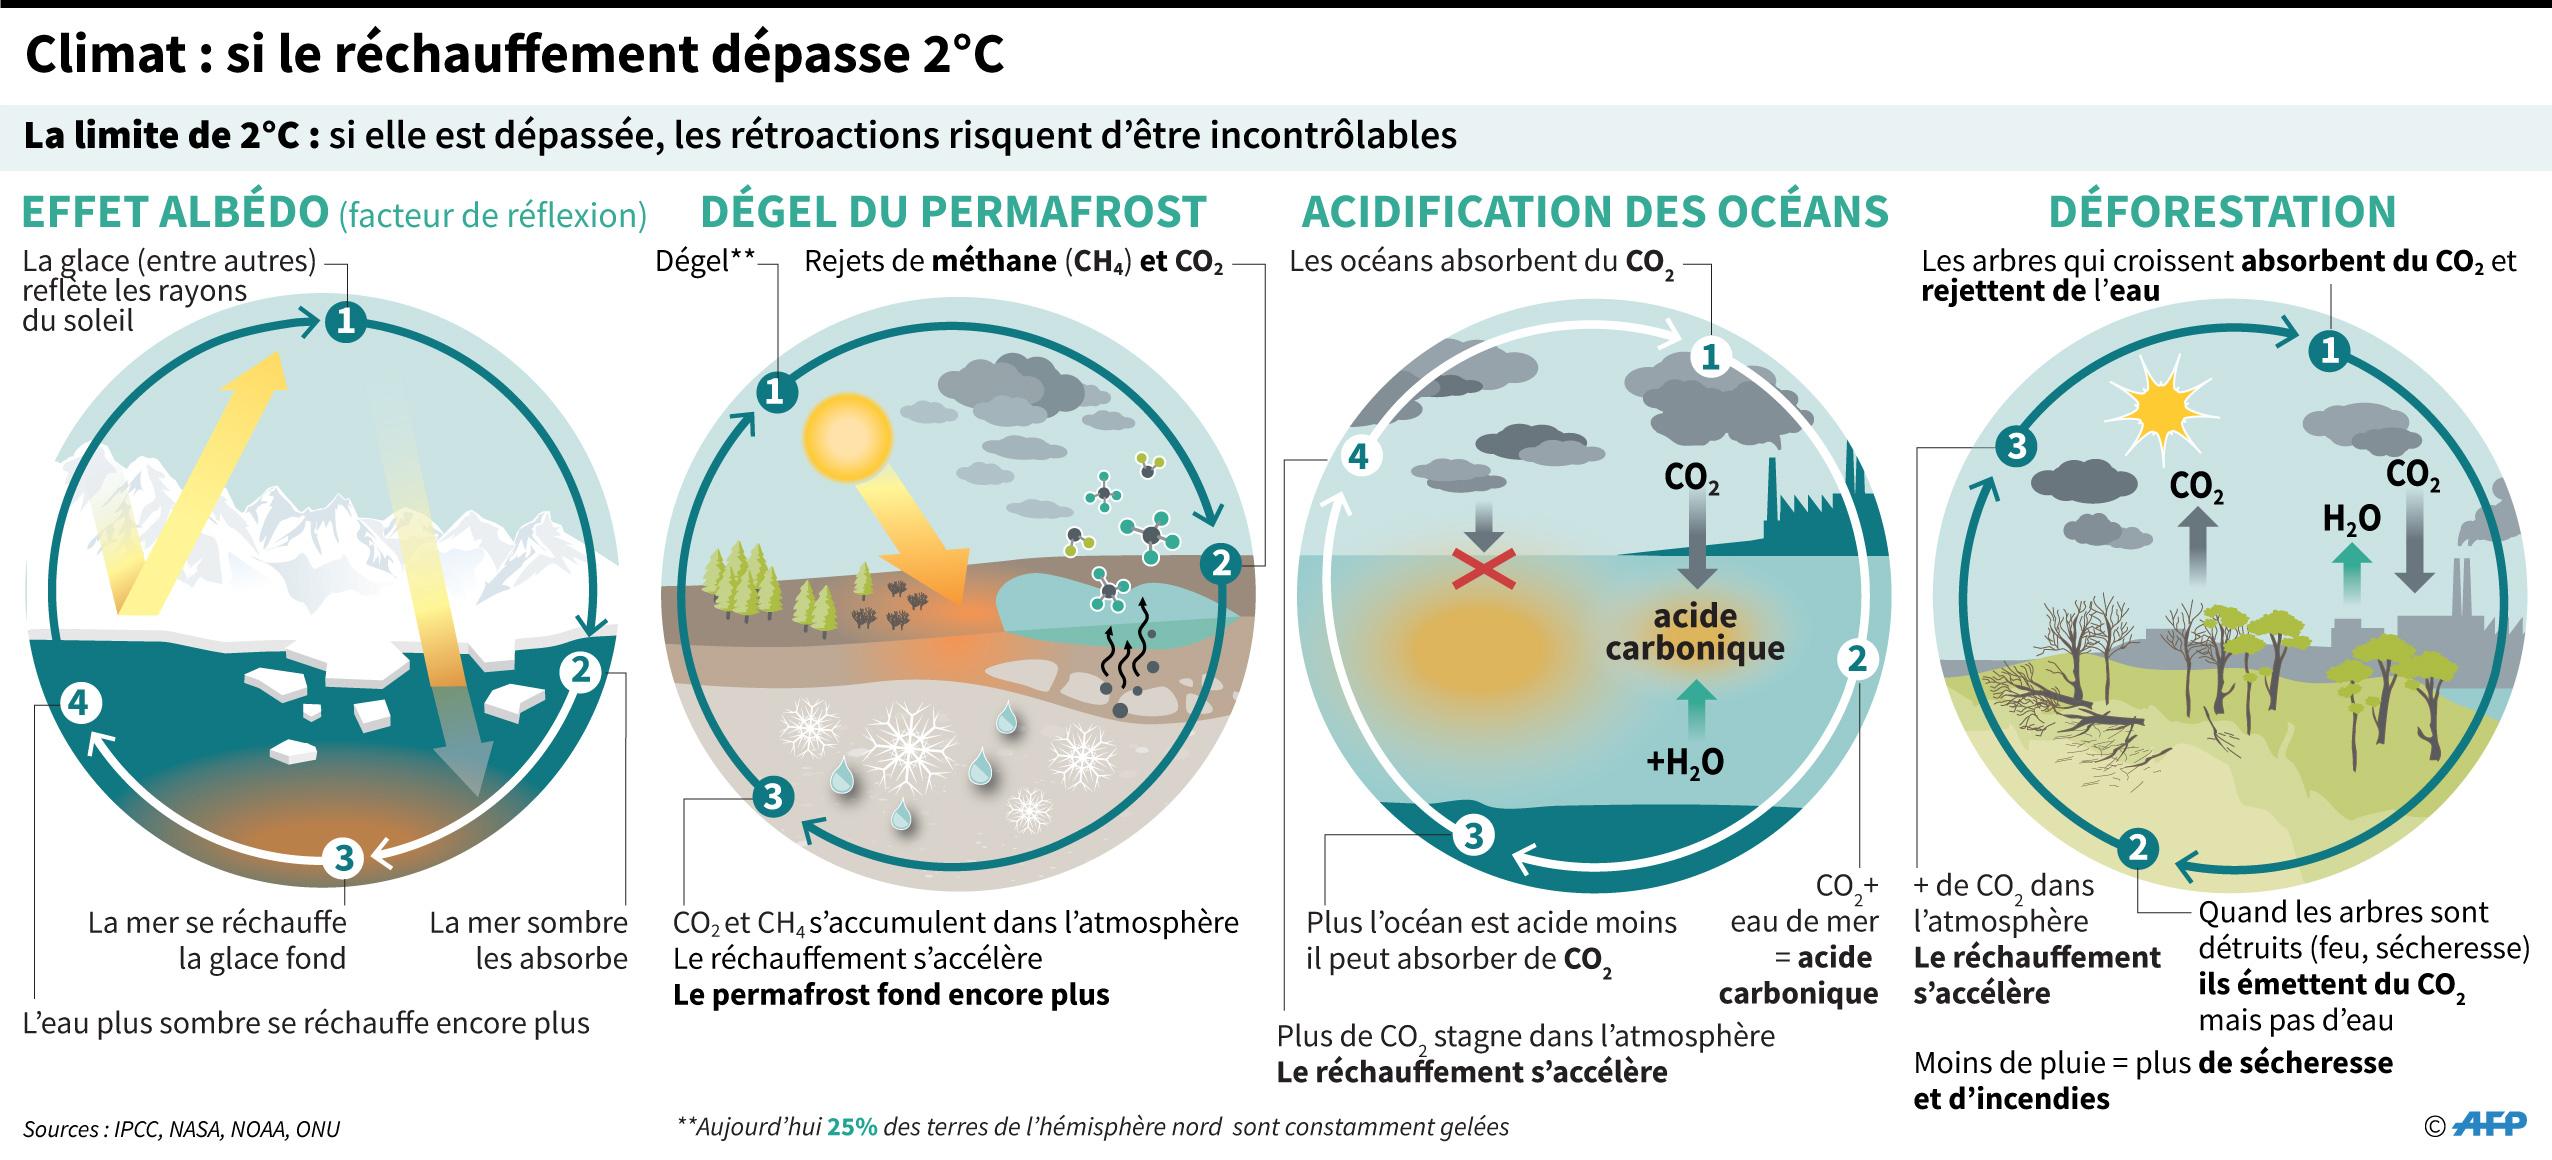 Boucles de rétroaction sur le climat